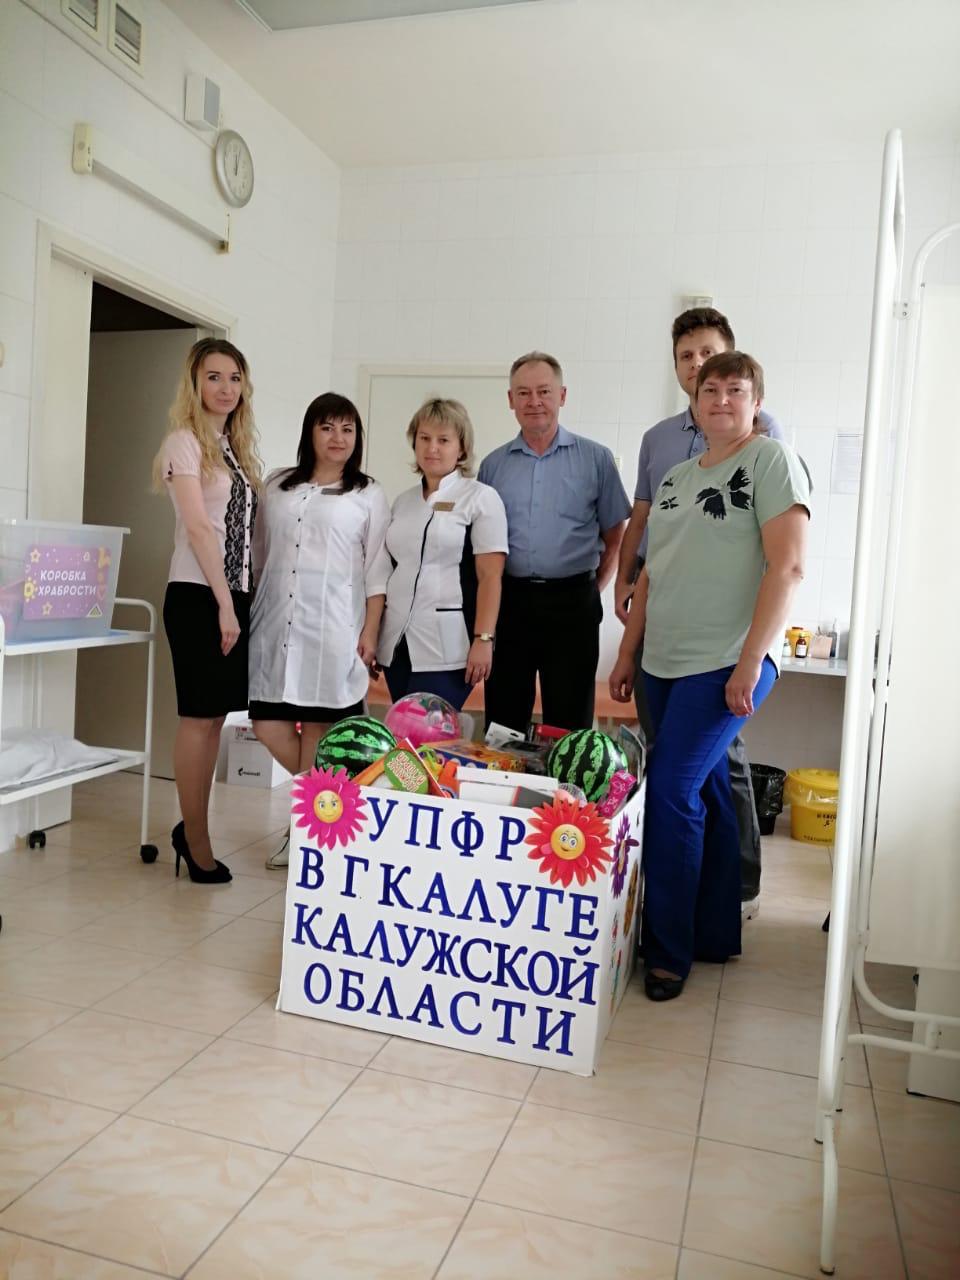 Сотрудники управления Пенсионного фонда в Калуге собрали коробку храбрости